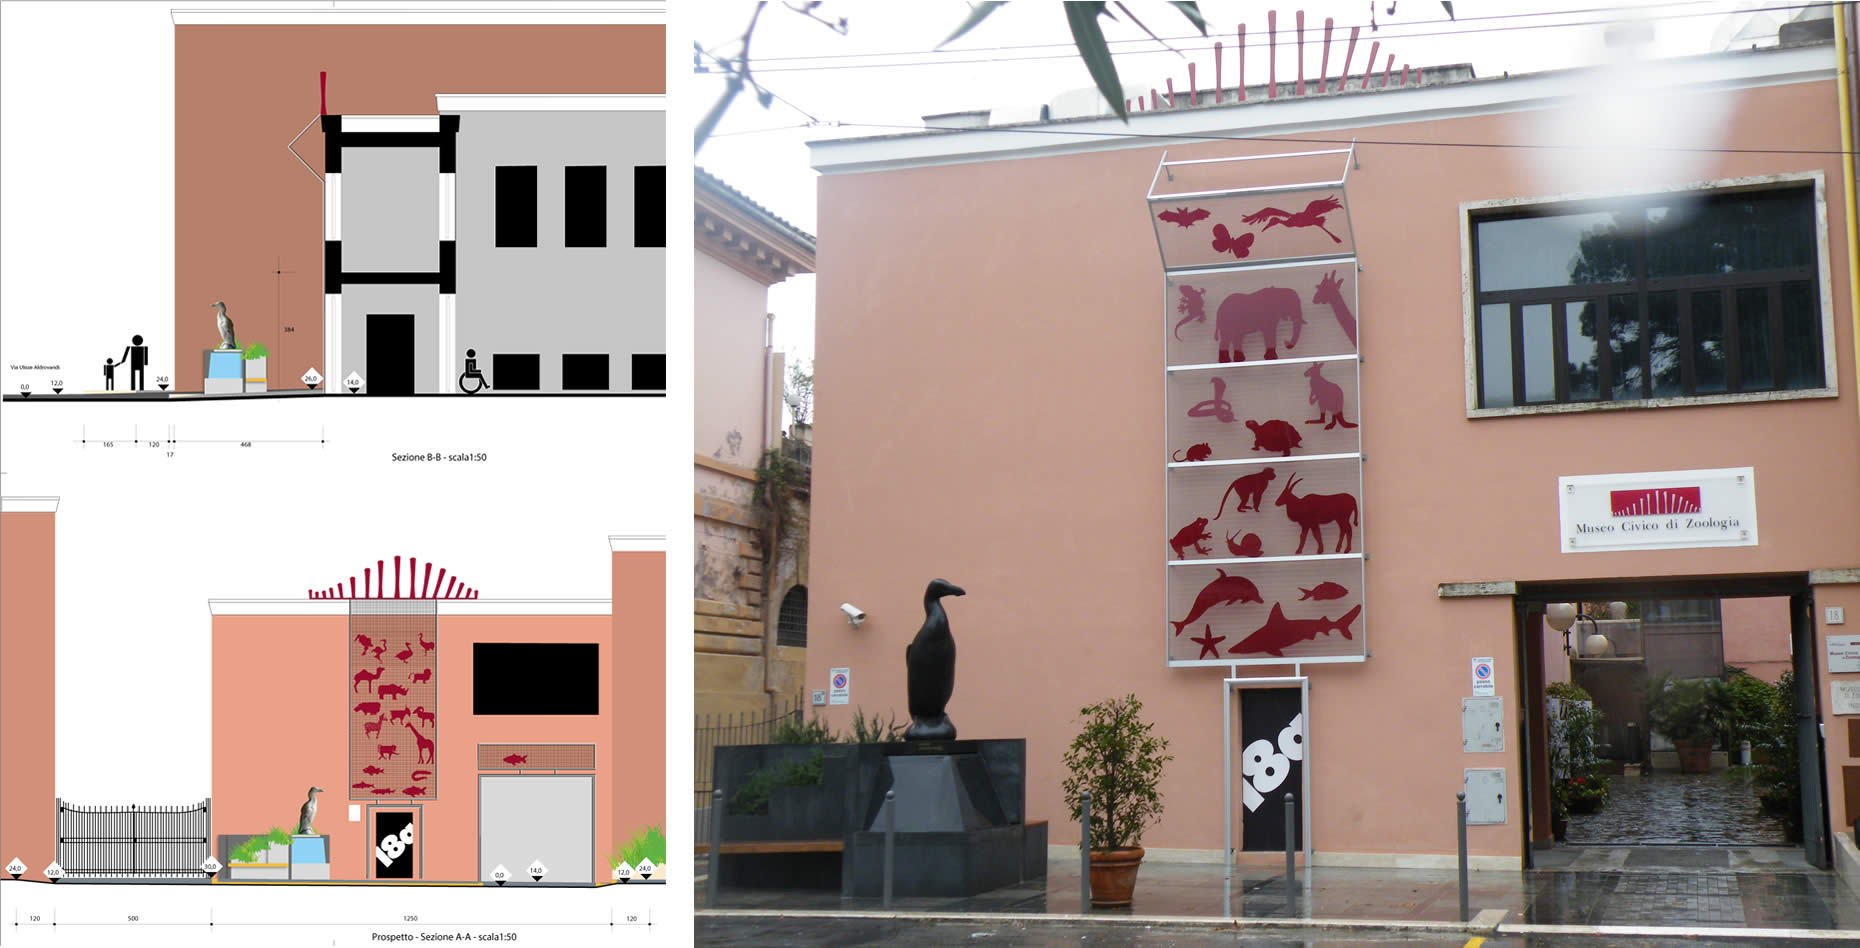 Allestimento esterno Museo Zoologico di Roma